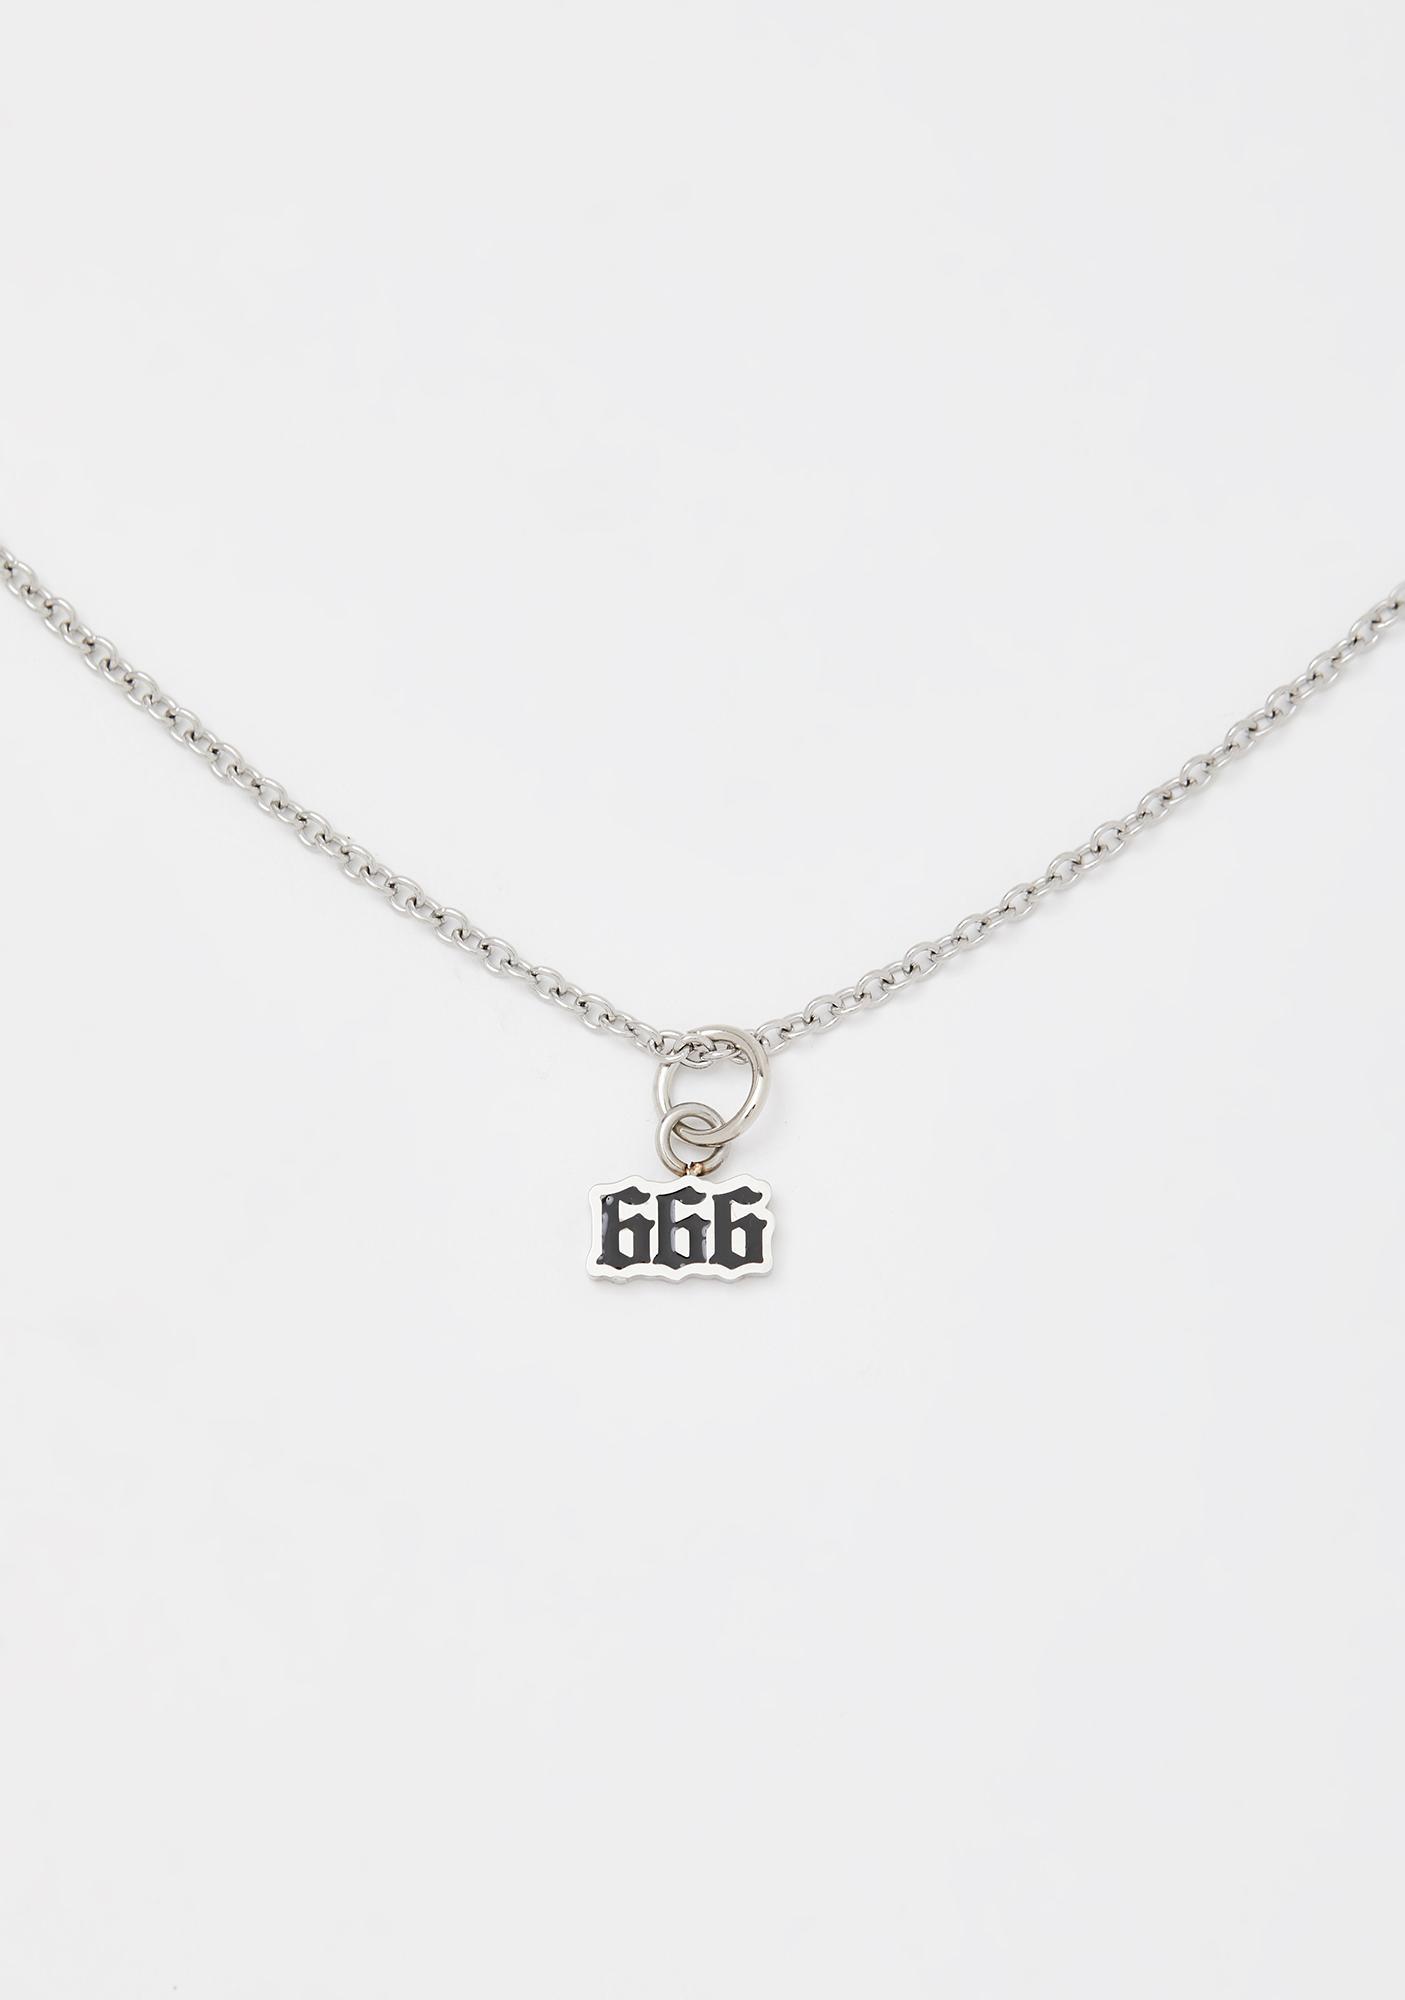 Mysticum Luna 666 Chain Choker